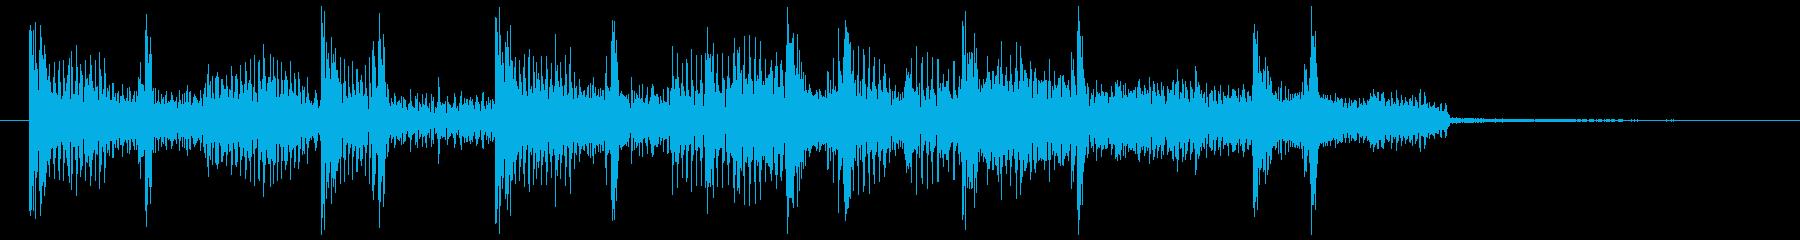 洗練度満点のヒップホップジングルの再生済みの波形